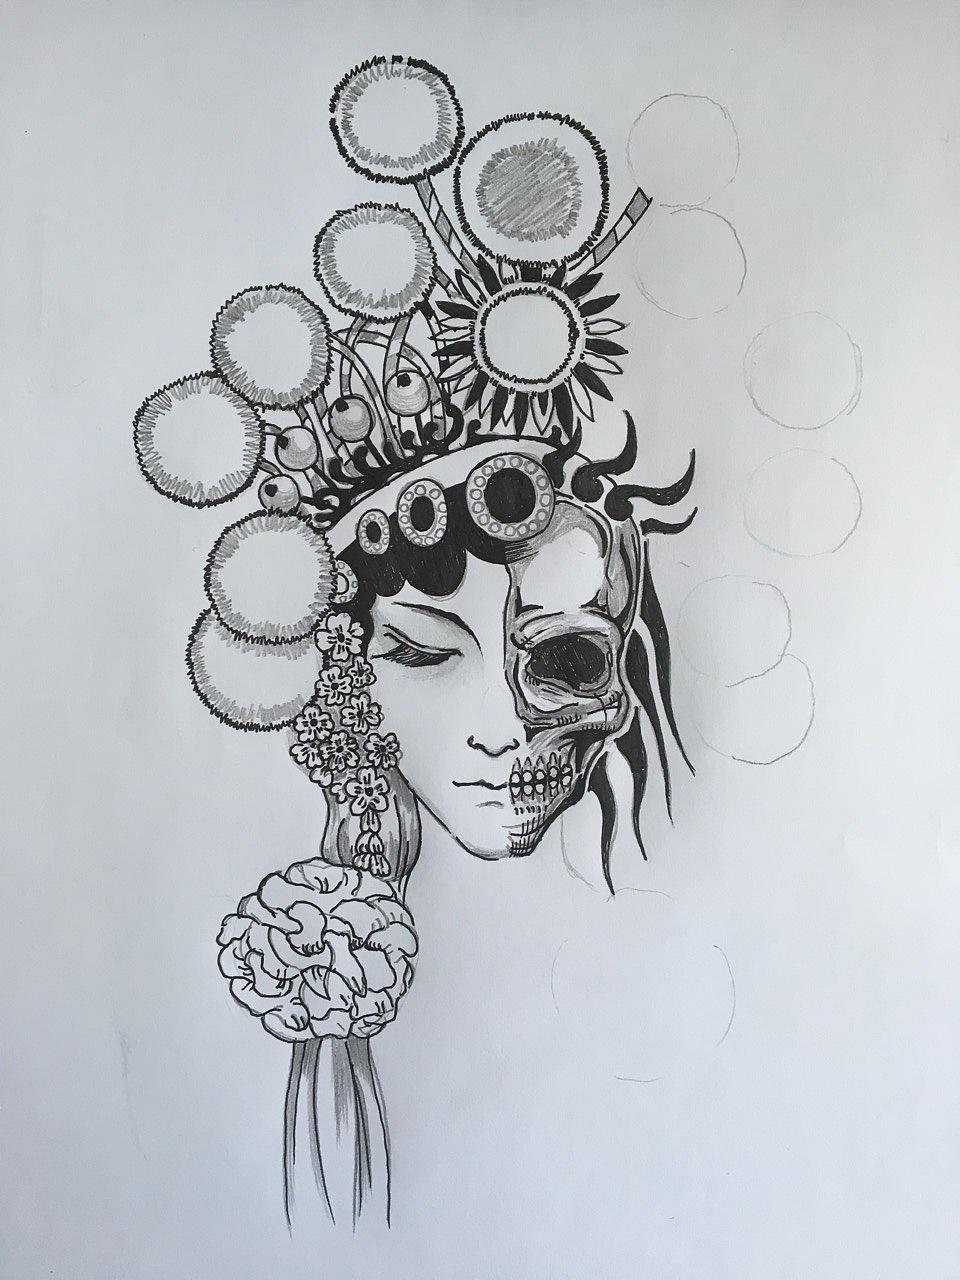 纹身手稿|其他|墙绘/立体画|simpley0213 - 原创作品